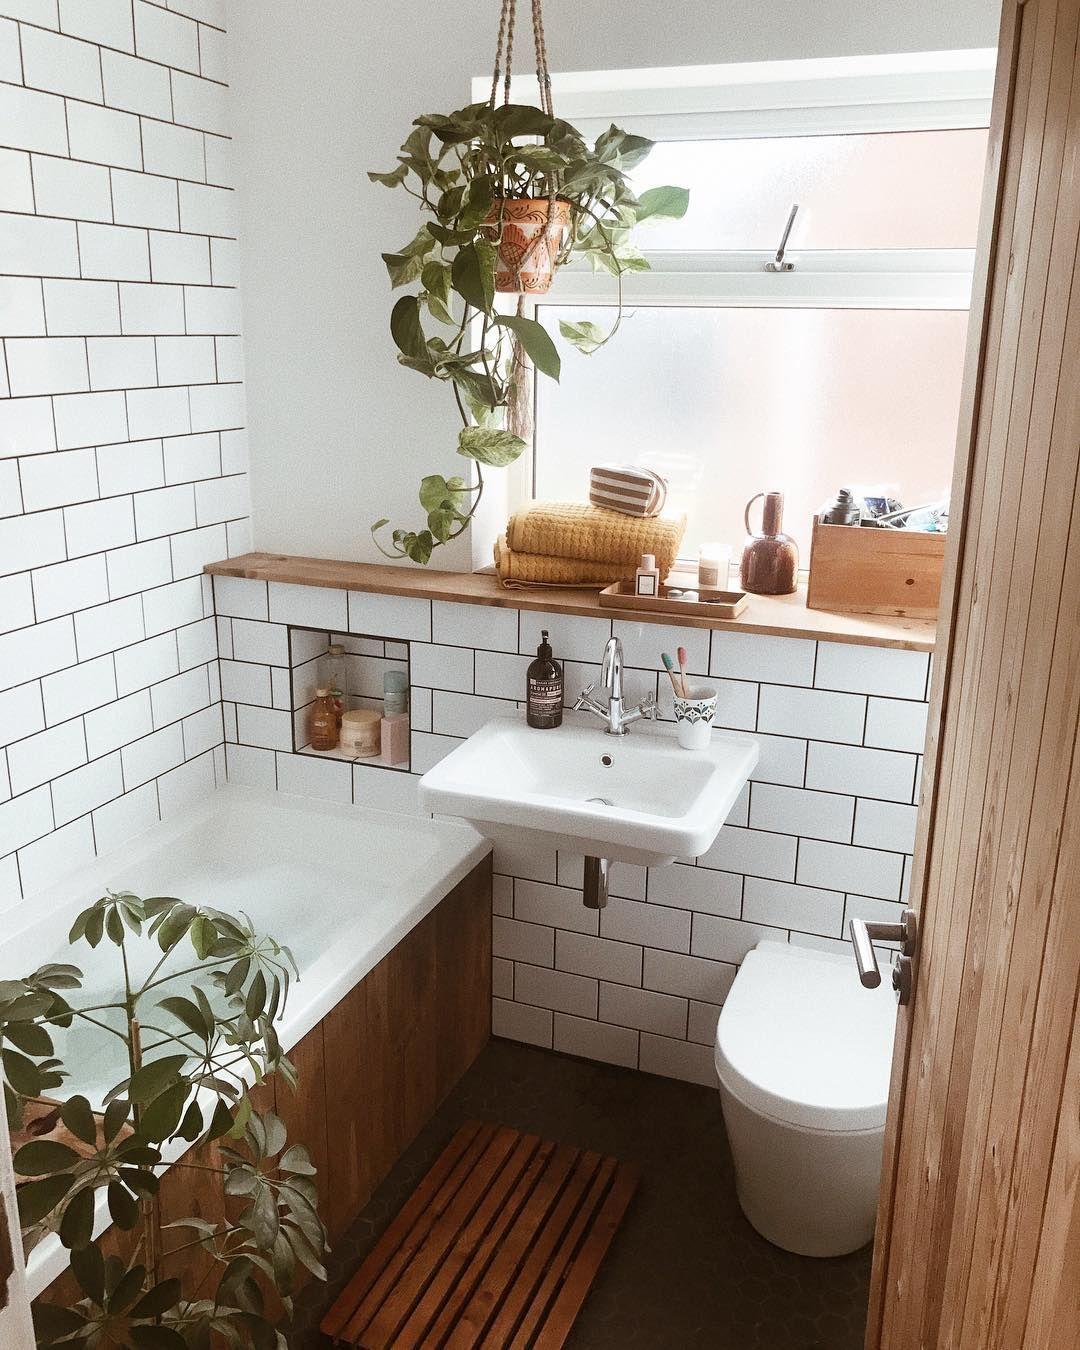 20 Besten Kleinen Badezimmer Ideen Minimalistischen Auf Das Budget Und Zi Auf Bad In 2020 Small Bathroom Decor Small Bathroom Renovations Wooden Bath Panel